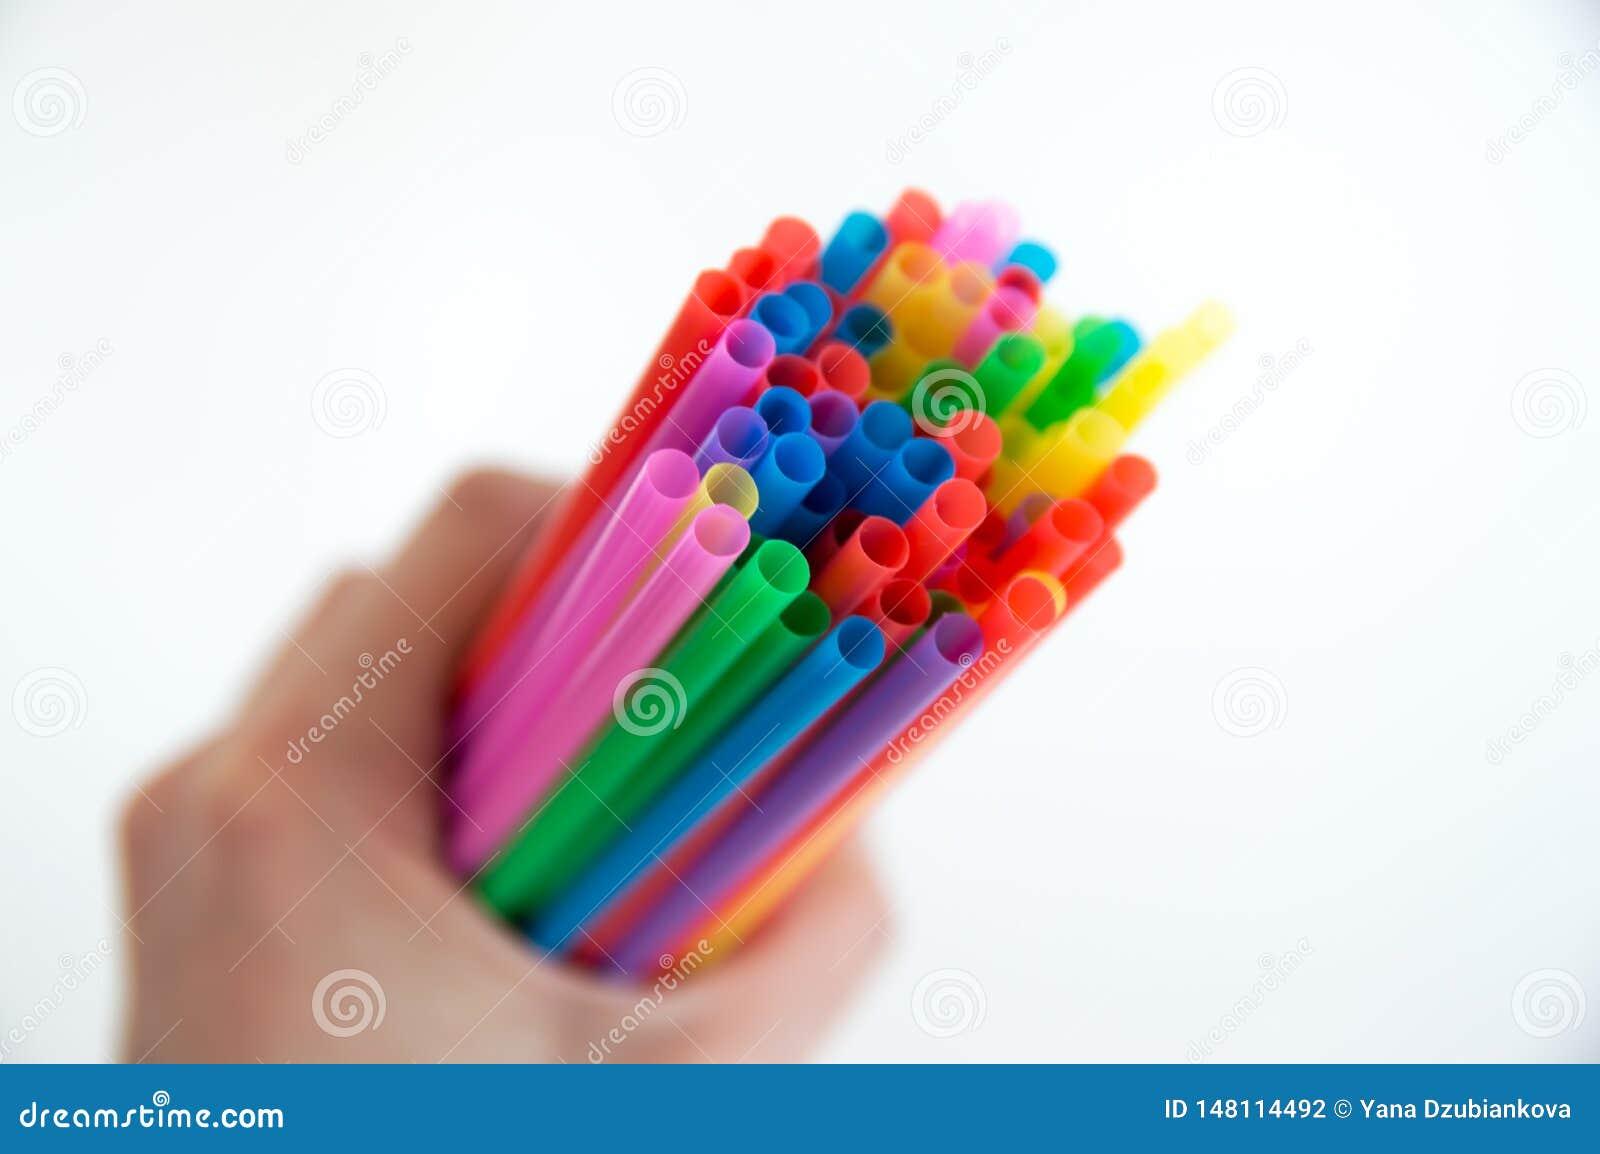 Χρωματισμένα ξύλινα μολύβια για το σχέδιο σε μια στάση γυαλιού σε ένα άσπρο υπόβαθρο Πολύχρωμα μολύβια παιδιών για το σχέδιο